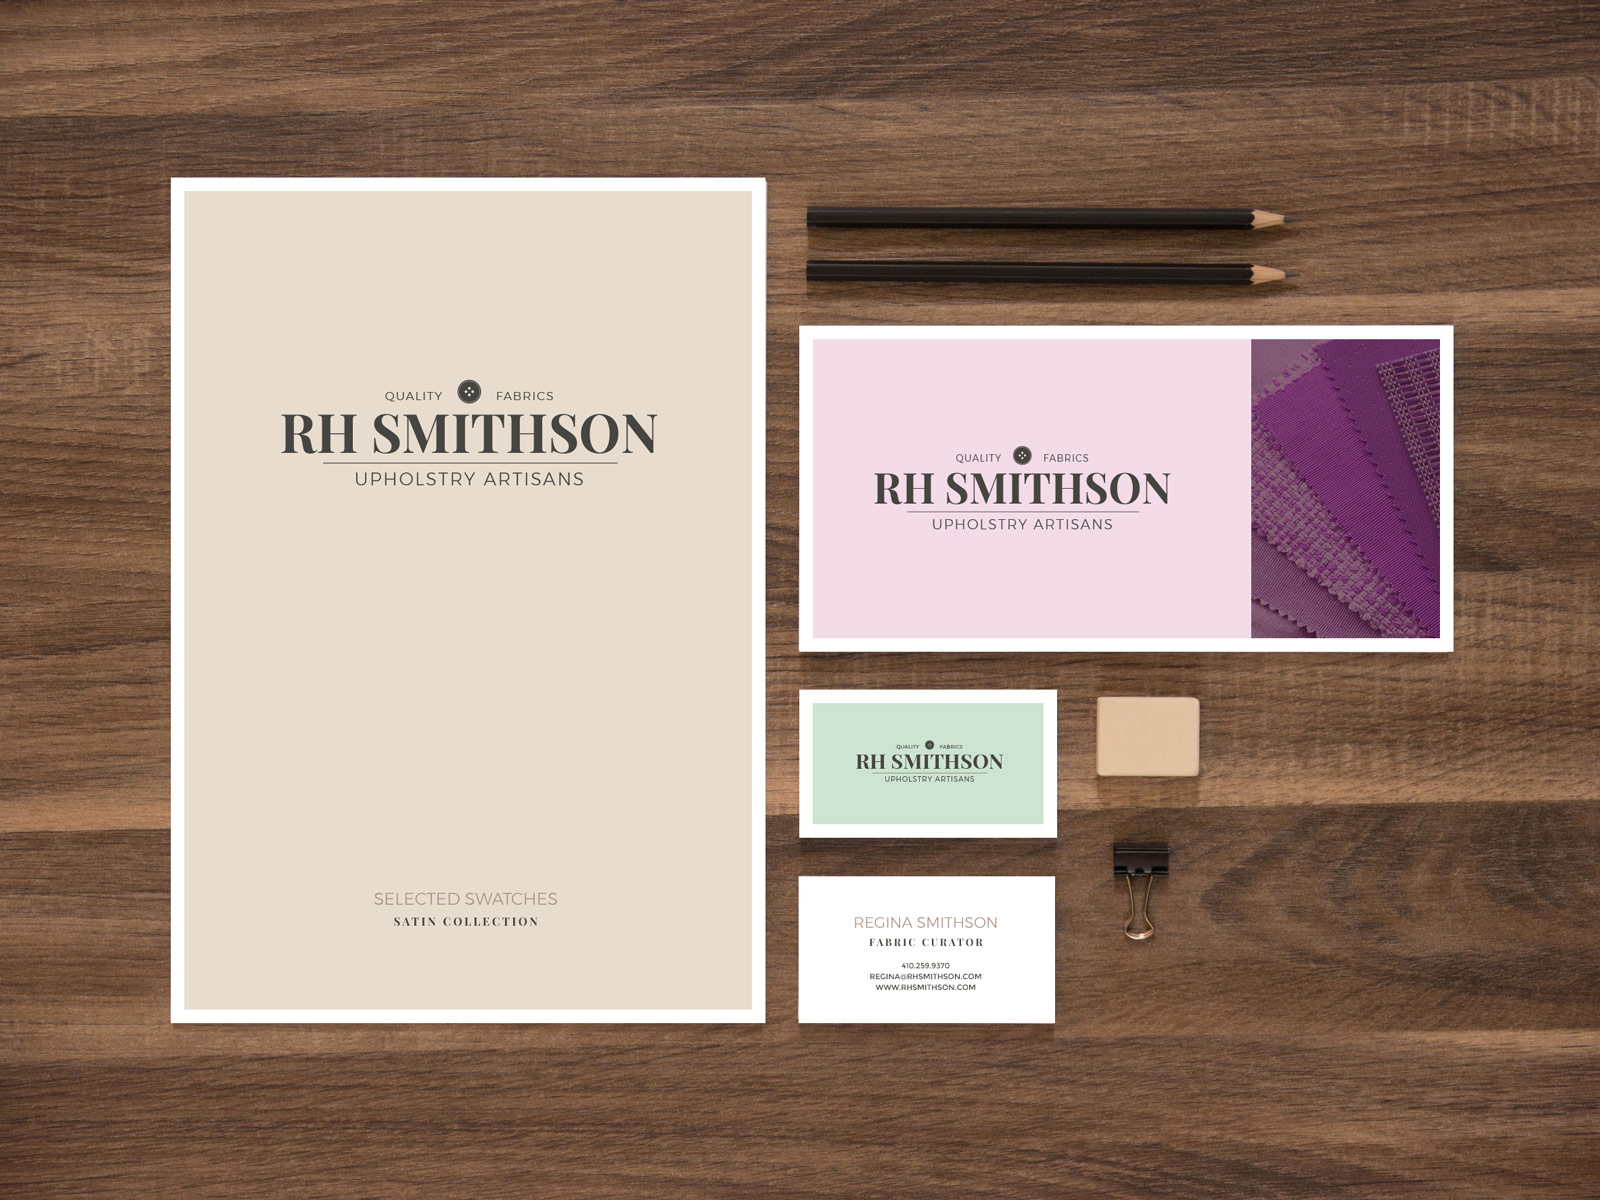 RH Smithson Print Collateral - Brian Behm Design